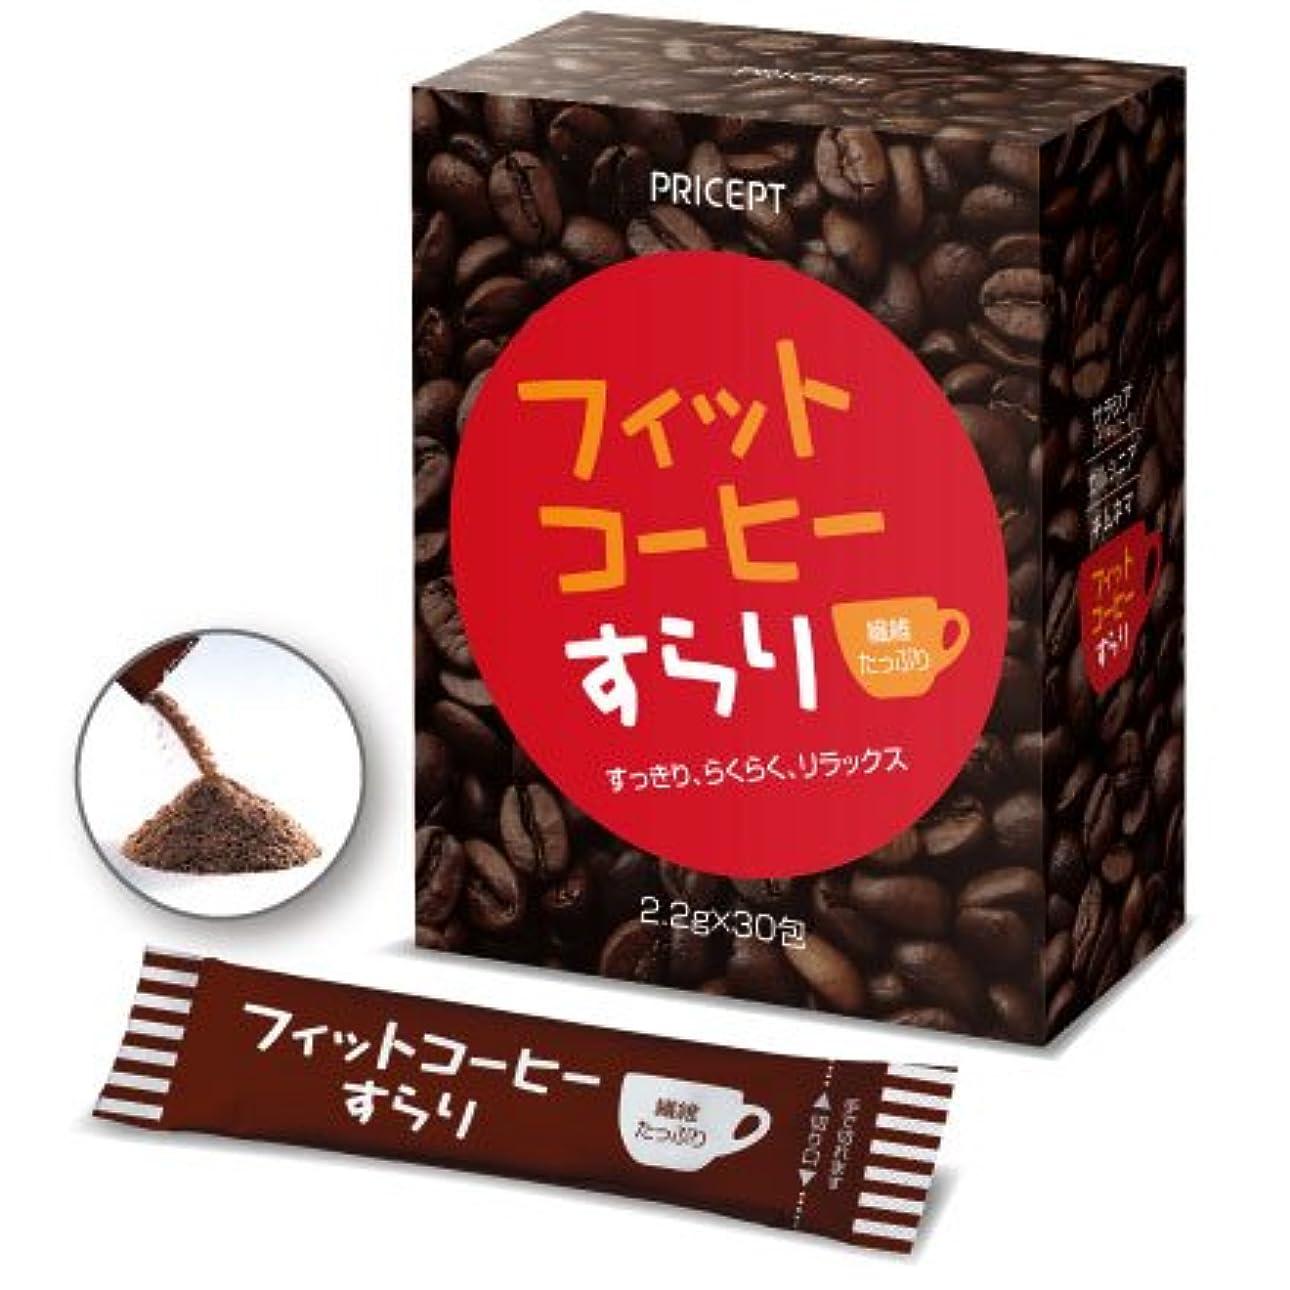 異形ポゴスティックジャンプリスクプリセプト フィットコーヒーすらり 30包【単品】(ダイエットサポートコーヒー)